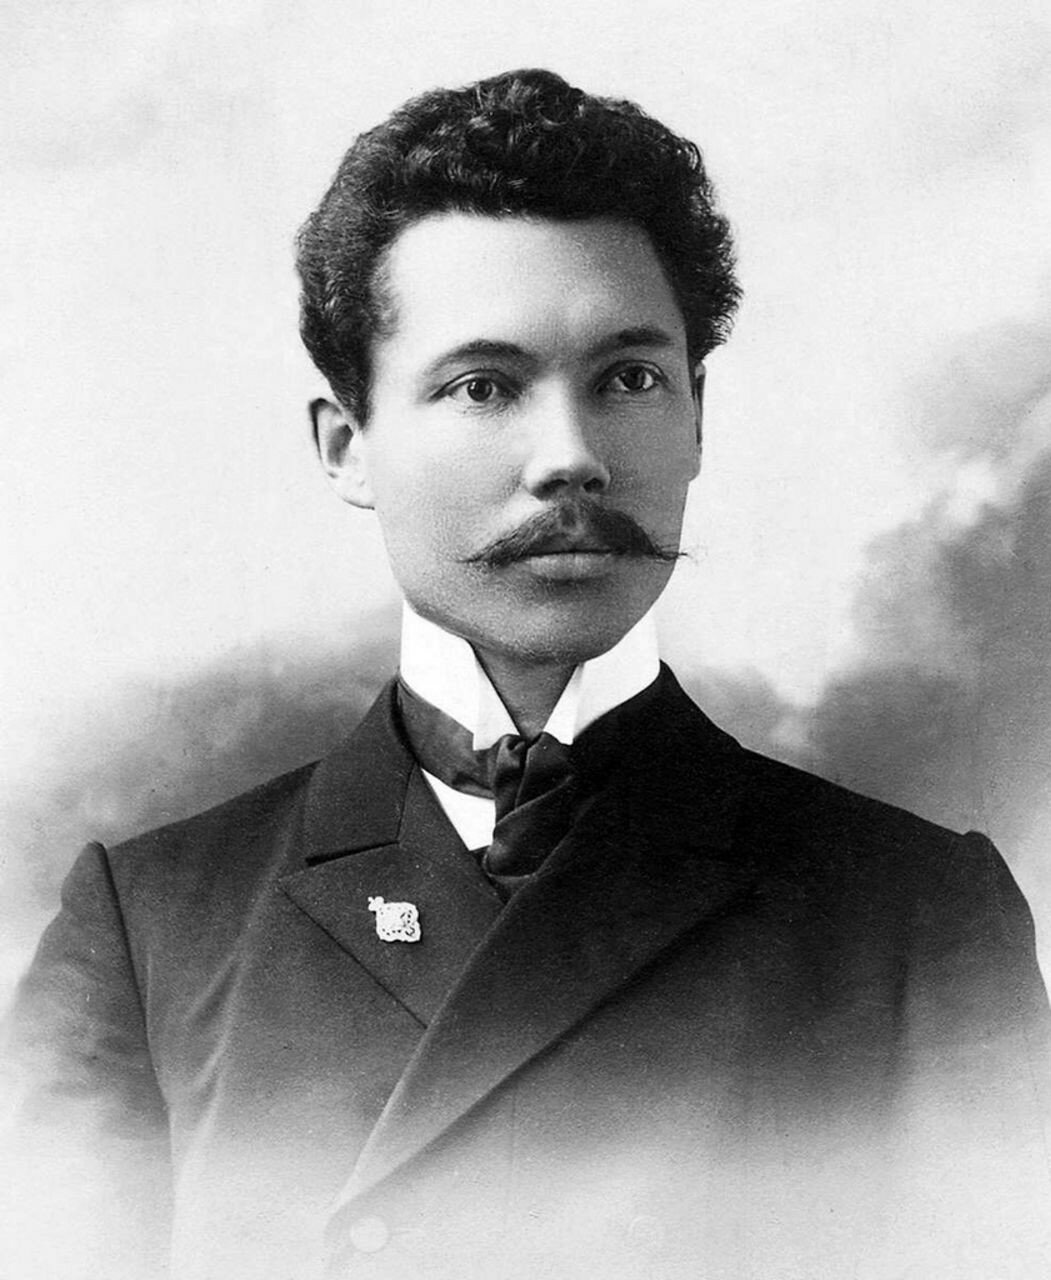 К. Н. Титов(1880–1944) — кандидат богословия, преподаватель Челябинской учительской семинарии (открытой в 1910 году) и реального училища